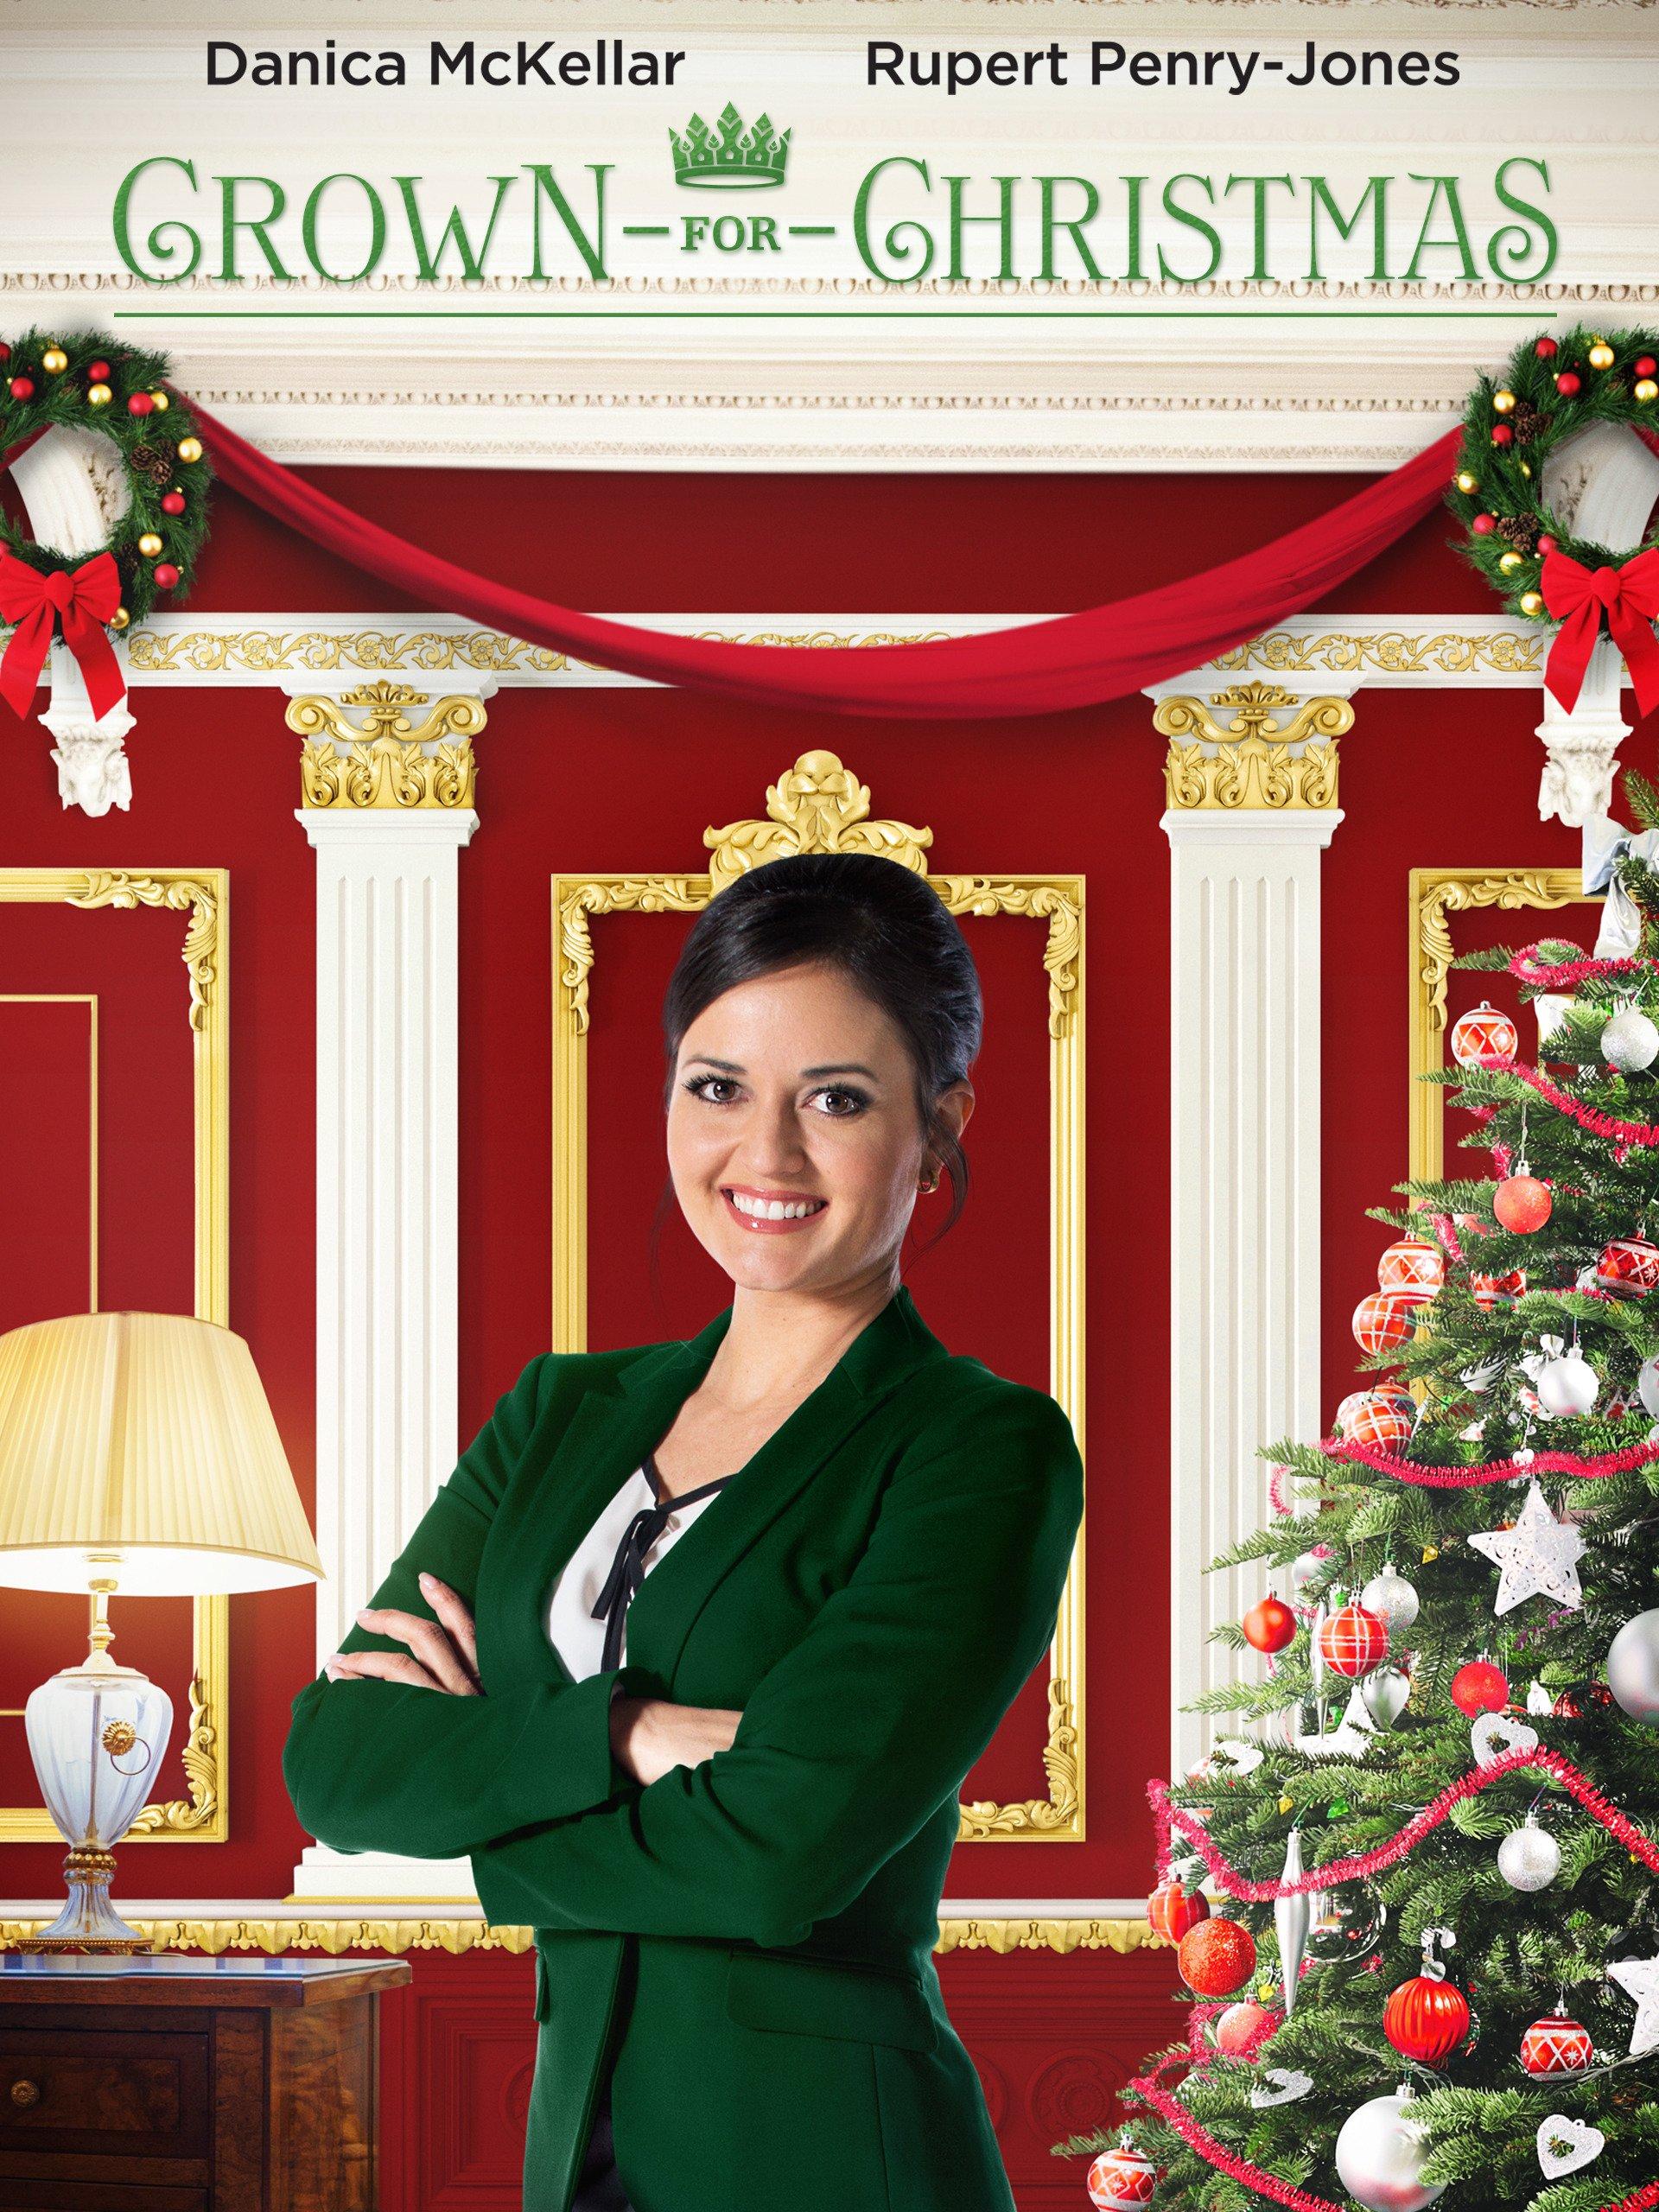 Crown For Christmas Danica Mckellar Rupert Penry Jones